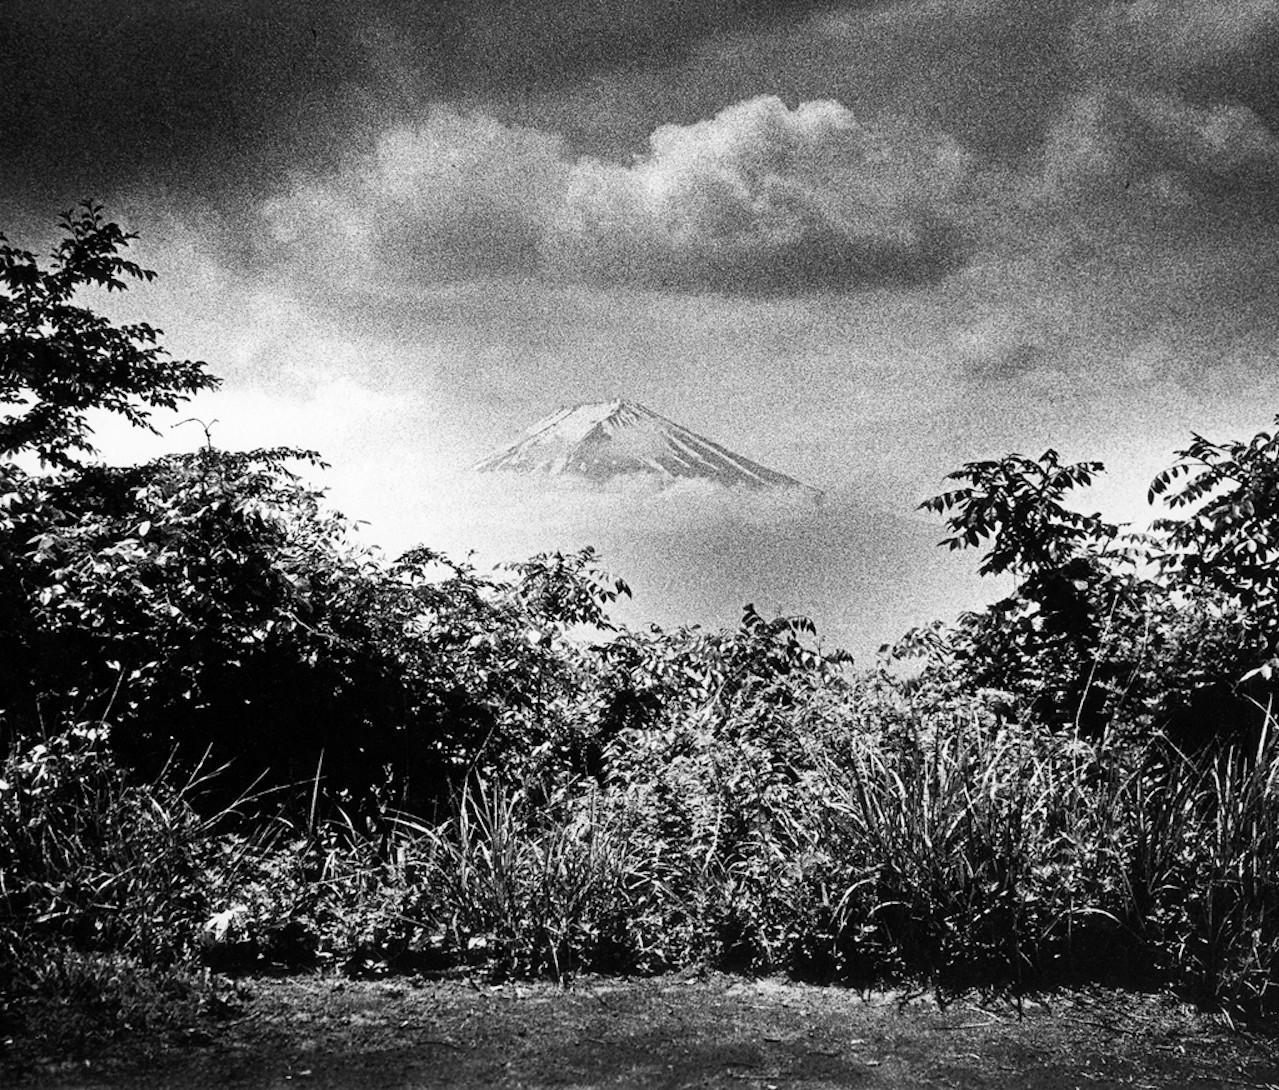 MAKI - Mount fuji 1